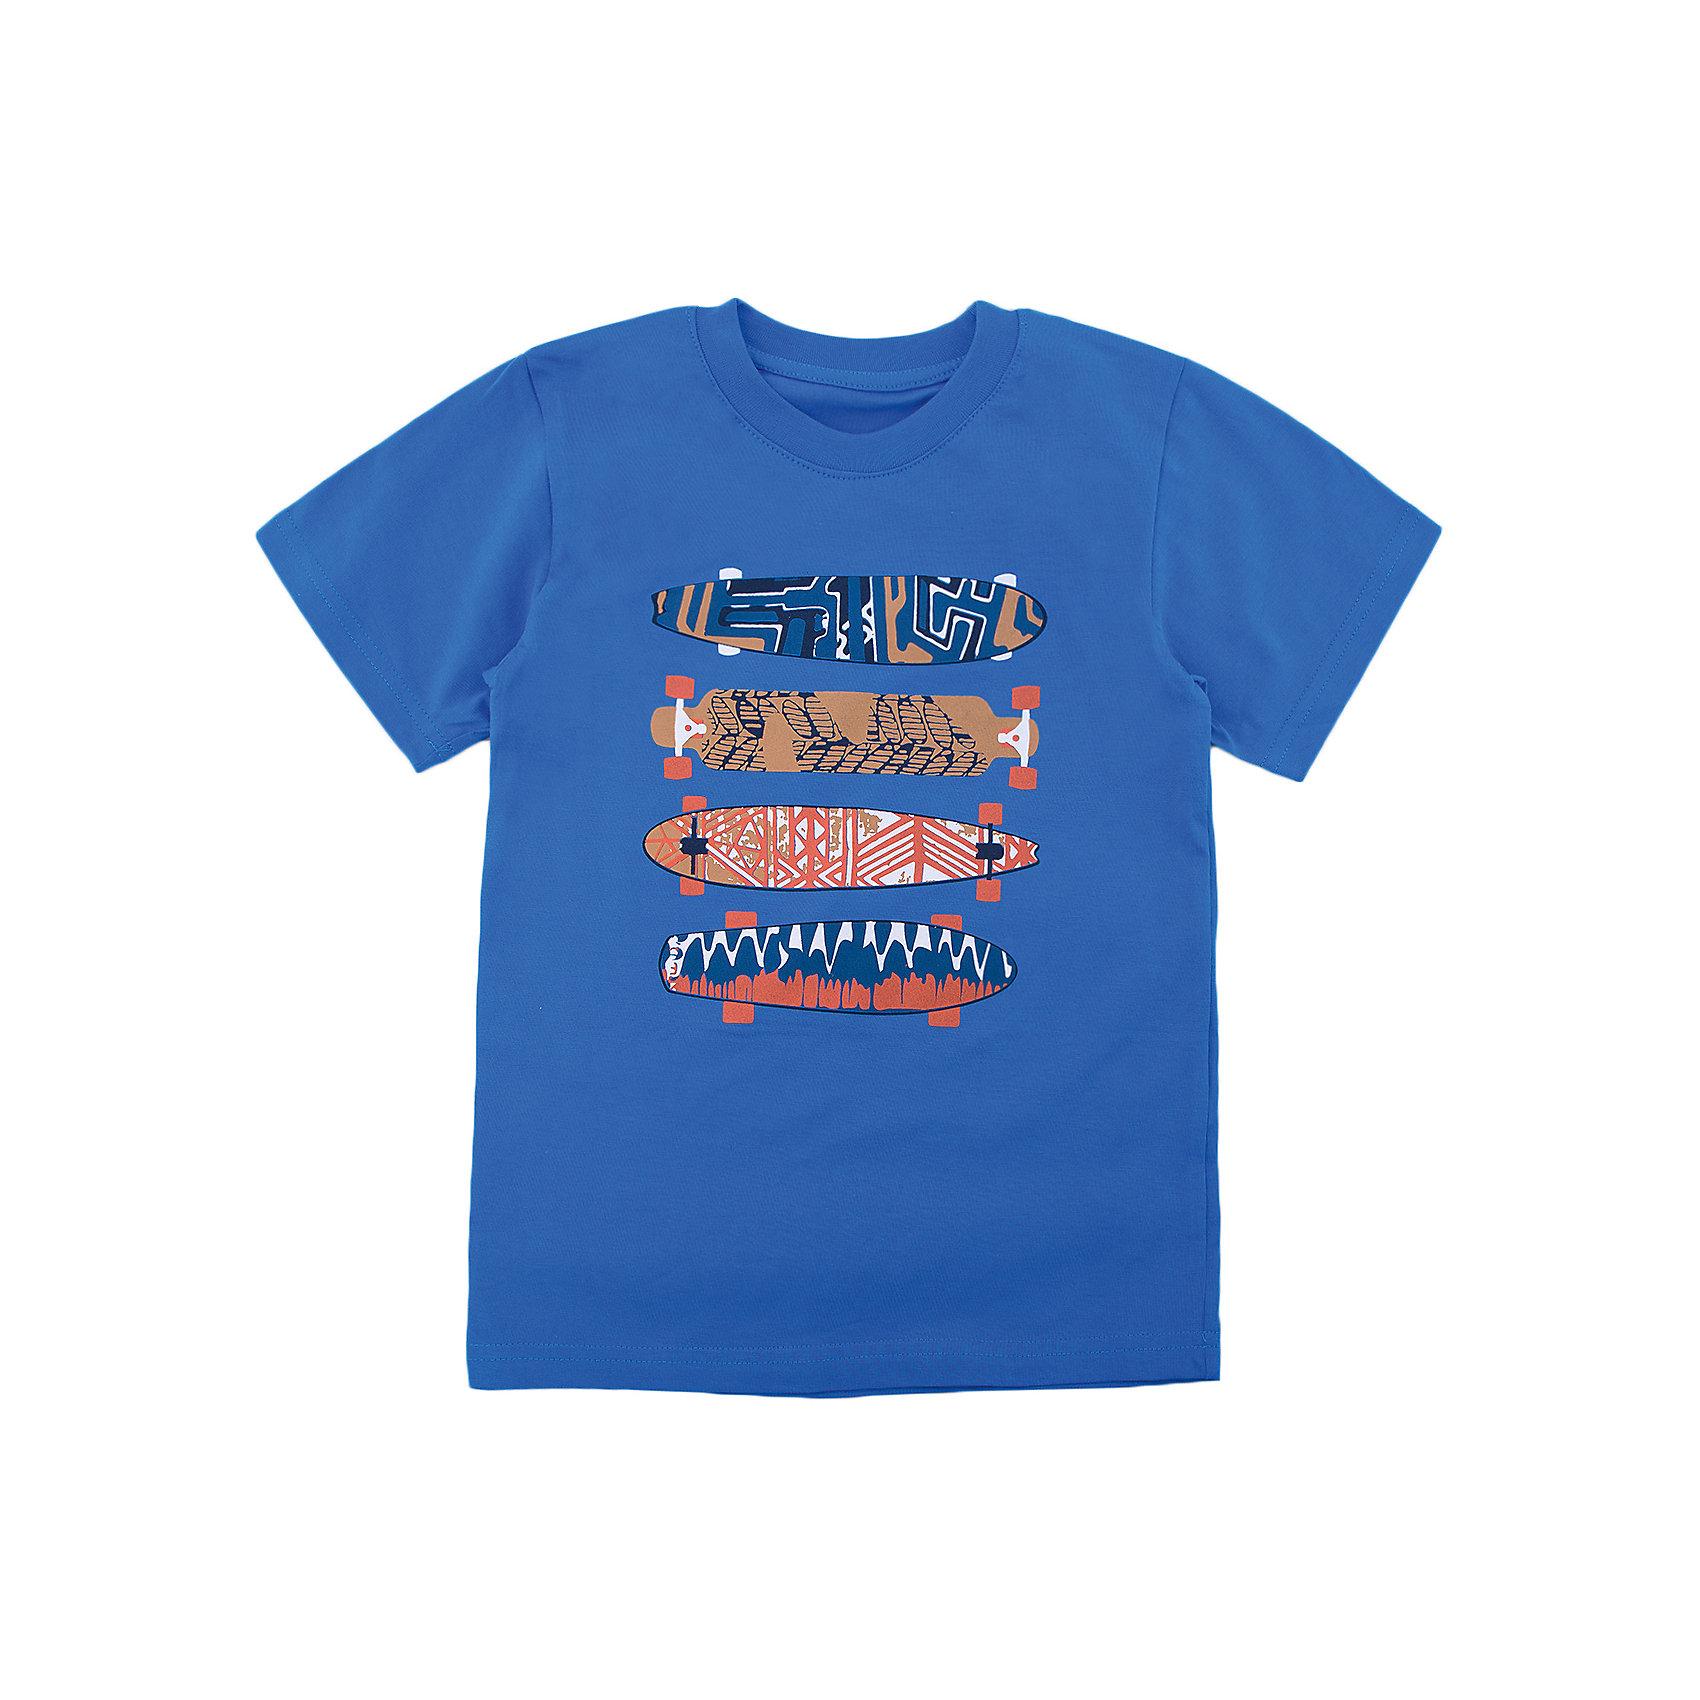 Футболка для мальчика WOWФутболки, поло и топы<br>Футболка для мальчика WOW<br>Незаменимой вещью в  гардеробе послужит футболка с коротким рукавом. Стильная и в тоже время комфортная модель, с яркой оригинальной печатью, будет превосходно смотреться на ребенке.<br>Состав:<br>кулирная гладь 100% хлопок<br><br>Ширина мм: 199<br>Глубина мм: 10<br>Высота мм: 161<br>Вес г: 151<br>Цвет: синий<br>Возраст от месяцев: 156<br>Возраст до месяцев: 168<br>Пол: Мужской<br>Возраст: Детский<br>Размер: 164,128,134,140,146,152,158<br>SKU: 6871715